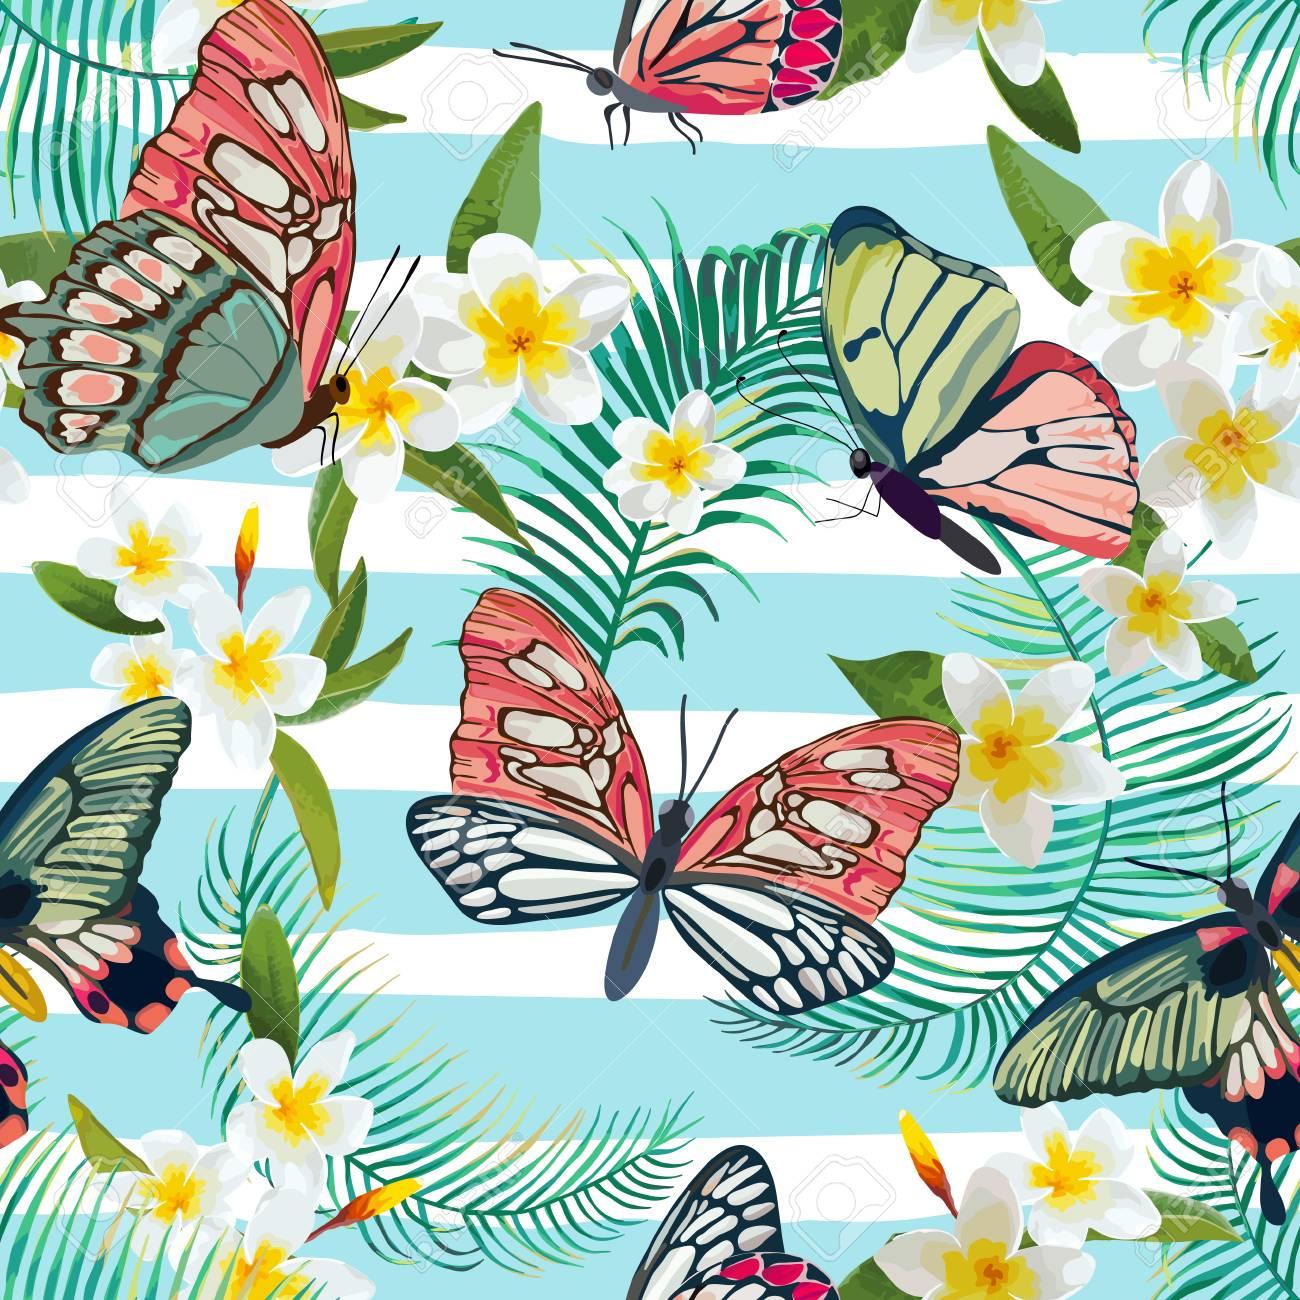 ccecdb4323 Foto de archivo - Tropical de patrones sin fisuras con flores y mariposas  exóticas. Fondo floral de hojas de palma. Diseño de tela de moda.